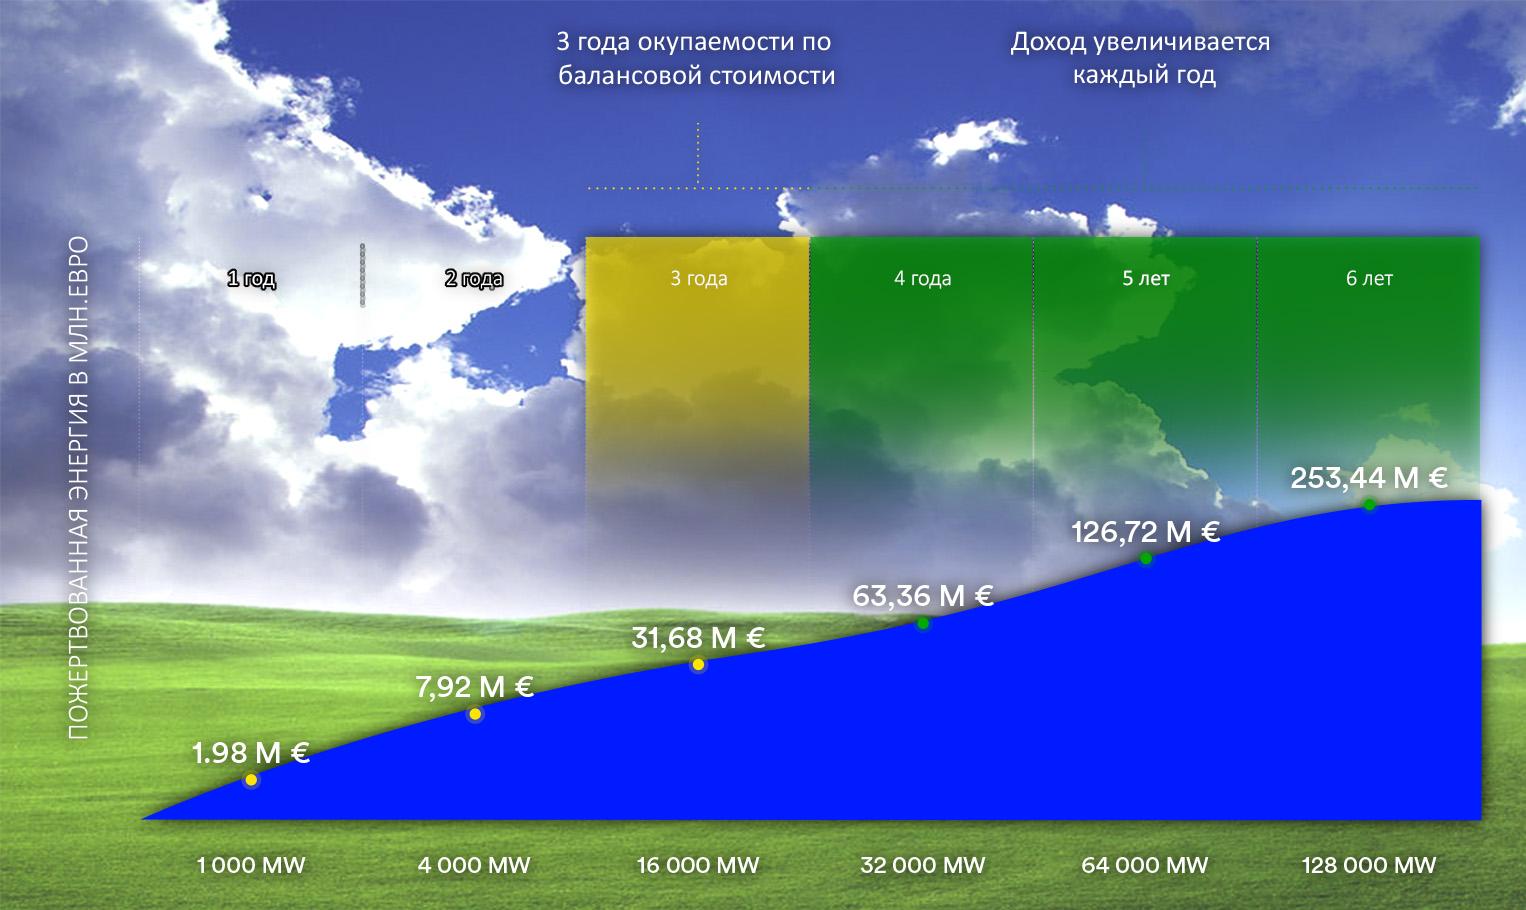 Прогноз роста объема зеленой энергии